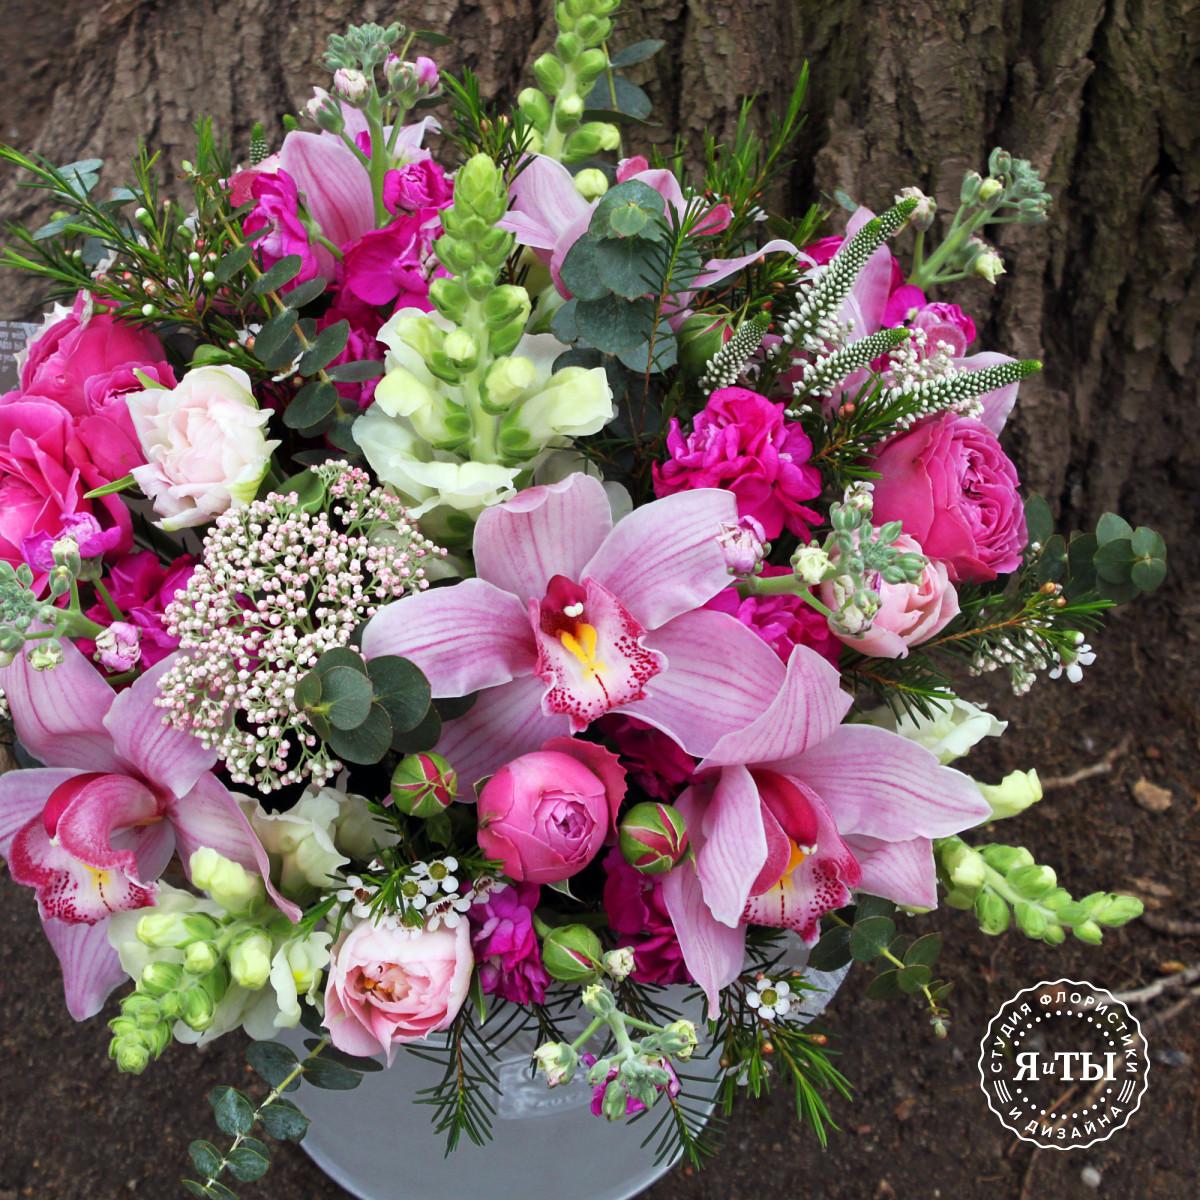 Весенняя композиция с орхидеями и пионовидными розами